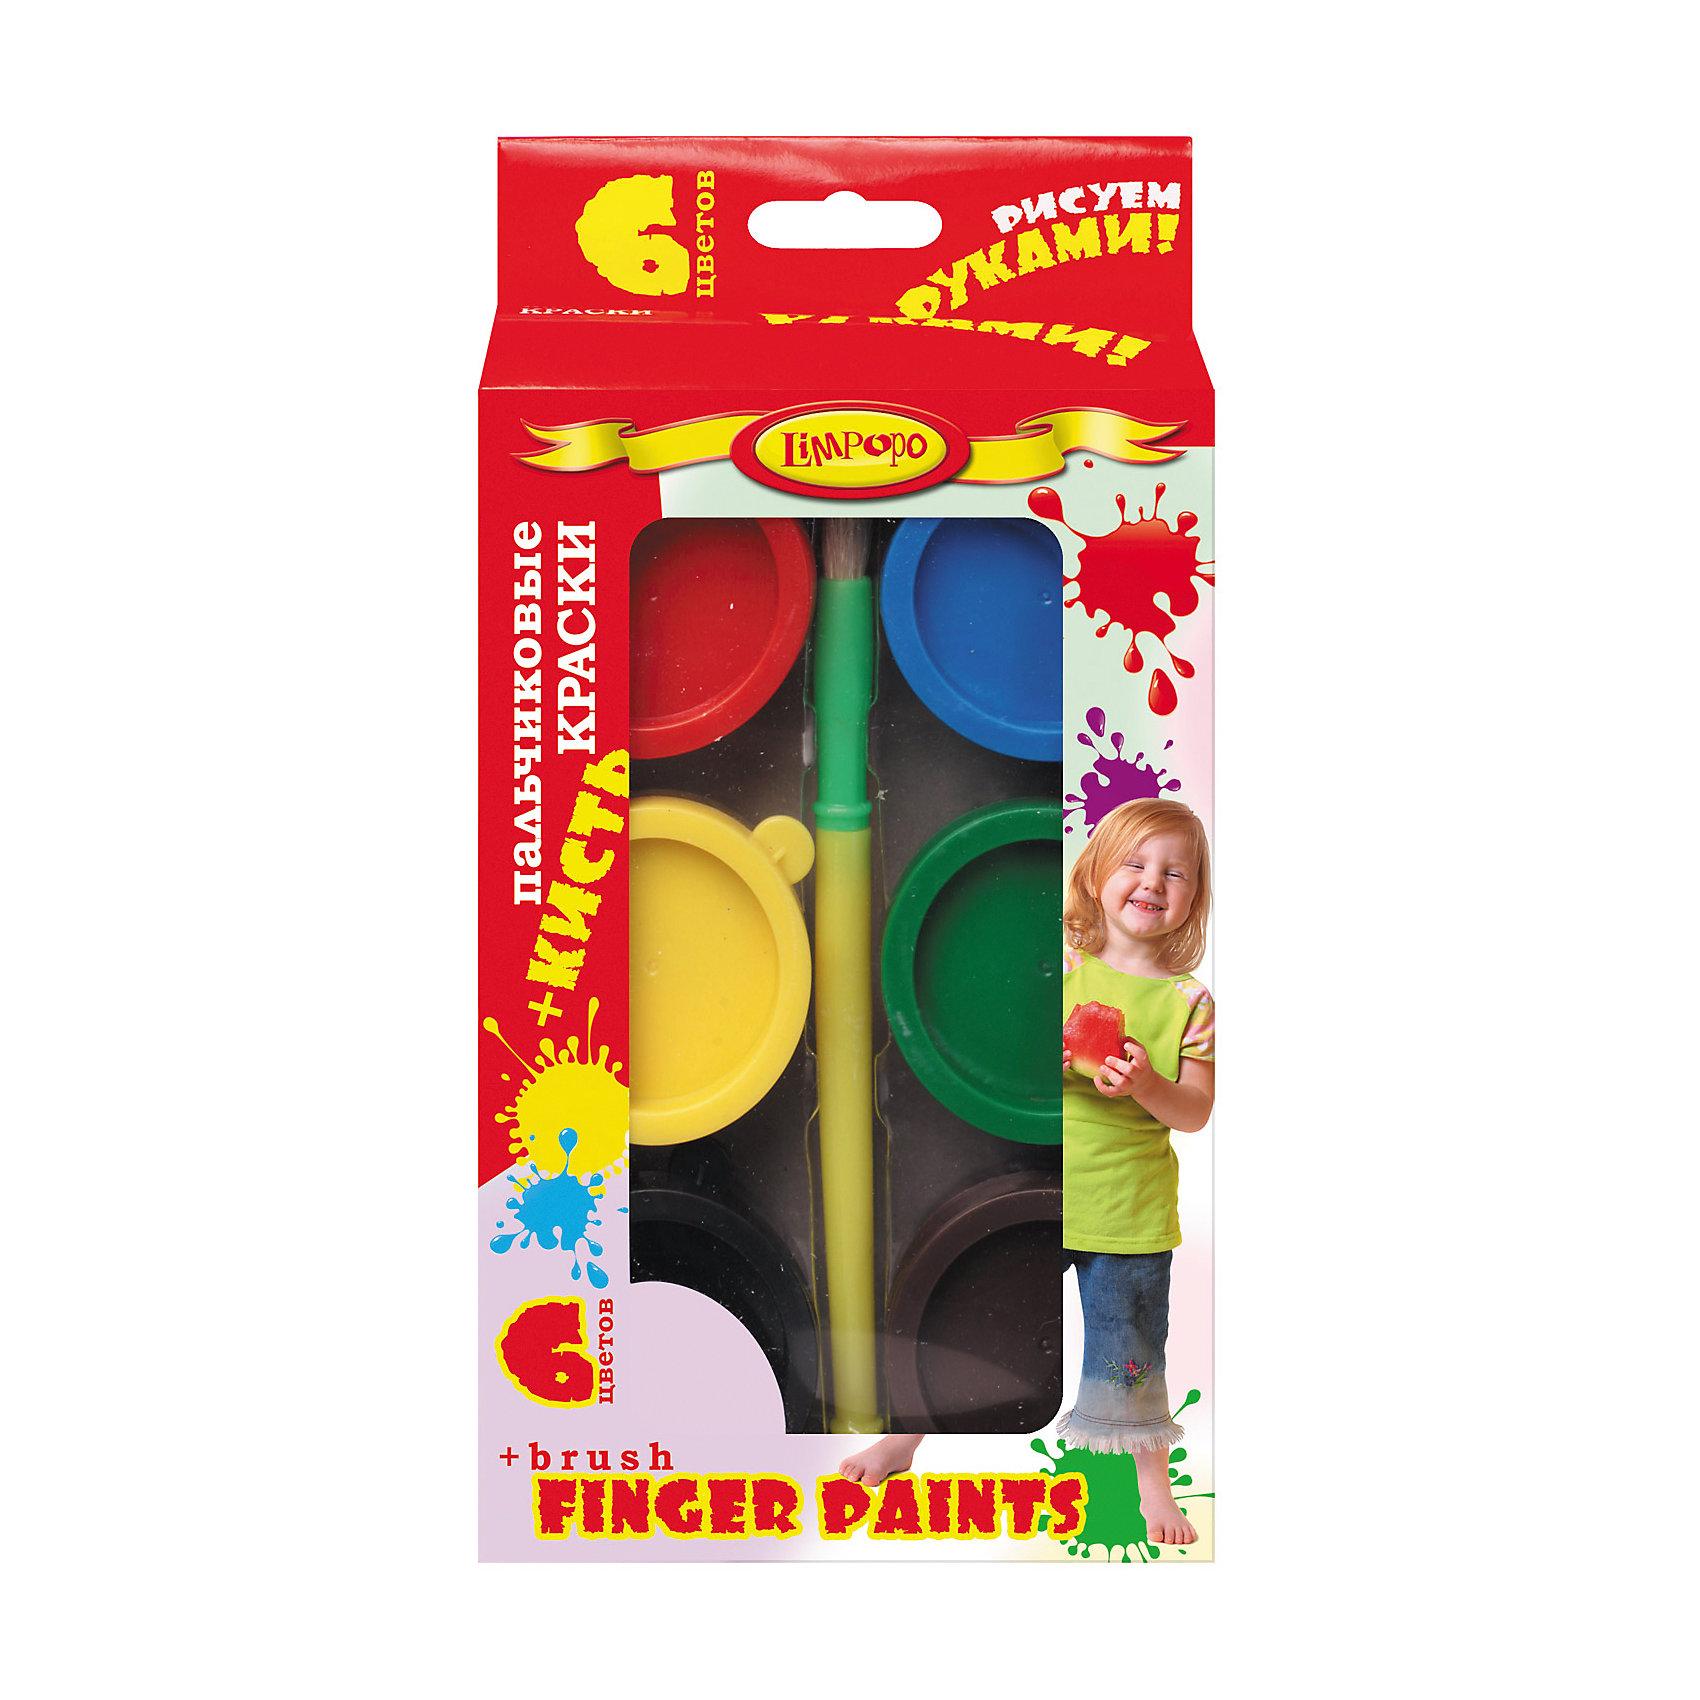 Пальчиковые краски Дети 6 цветов по 25 мл + кистьПальчиковые краски<br>Пальчиковые краски Дети 6 цветов по 25 мл + кисть<br><br>Характеристики:<br><br>• Количество цветов: 6<br>• Объем: по 25мл каждого цвета<br>• В комплекте: краски, кисть<br><br>Пальчиковые краски подойдут для самых маленьких детей, которые только начинают свой путь художника. Малыш сможет нарисовать свои первые картины используя собственные пальчики или кисточку, которая идет в комплекте. 6 ярких, красивых цветов сделают рисунок шедевром. Краски полностью безопасны для нежной кожи малыша.<br><br>Пальчиковые краски Дети 6 цветов по 25 мл + кисть можно купить в нашем интернет-магазине.<br><br>Ширина мм: 125<br>Глубина мм: 35<br>Высота мм: 240<br>Вес г: 239<br>Возраст от месяцев: 36<br>Возраст до месяцев: 96<br>Пол: Унисекс<br>Возраст: Детский<br>SKU: 5390335